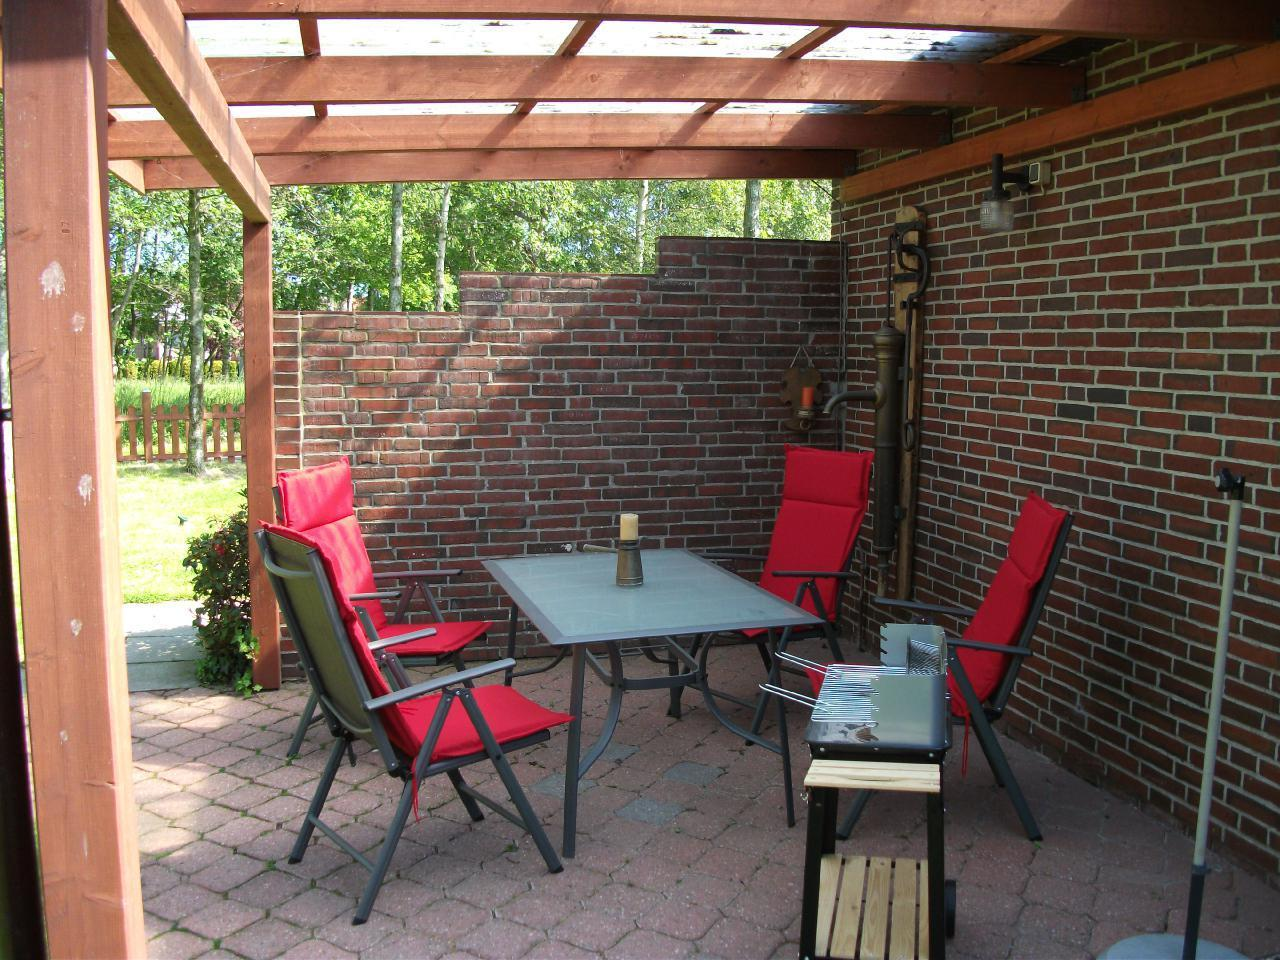 Terrasse mit Grill und Sitzgruppe